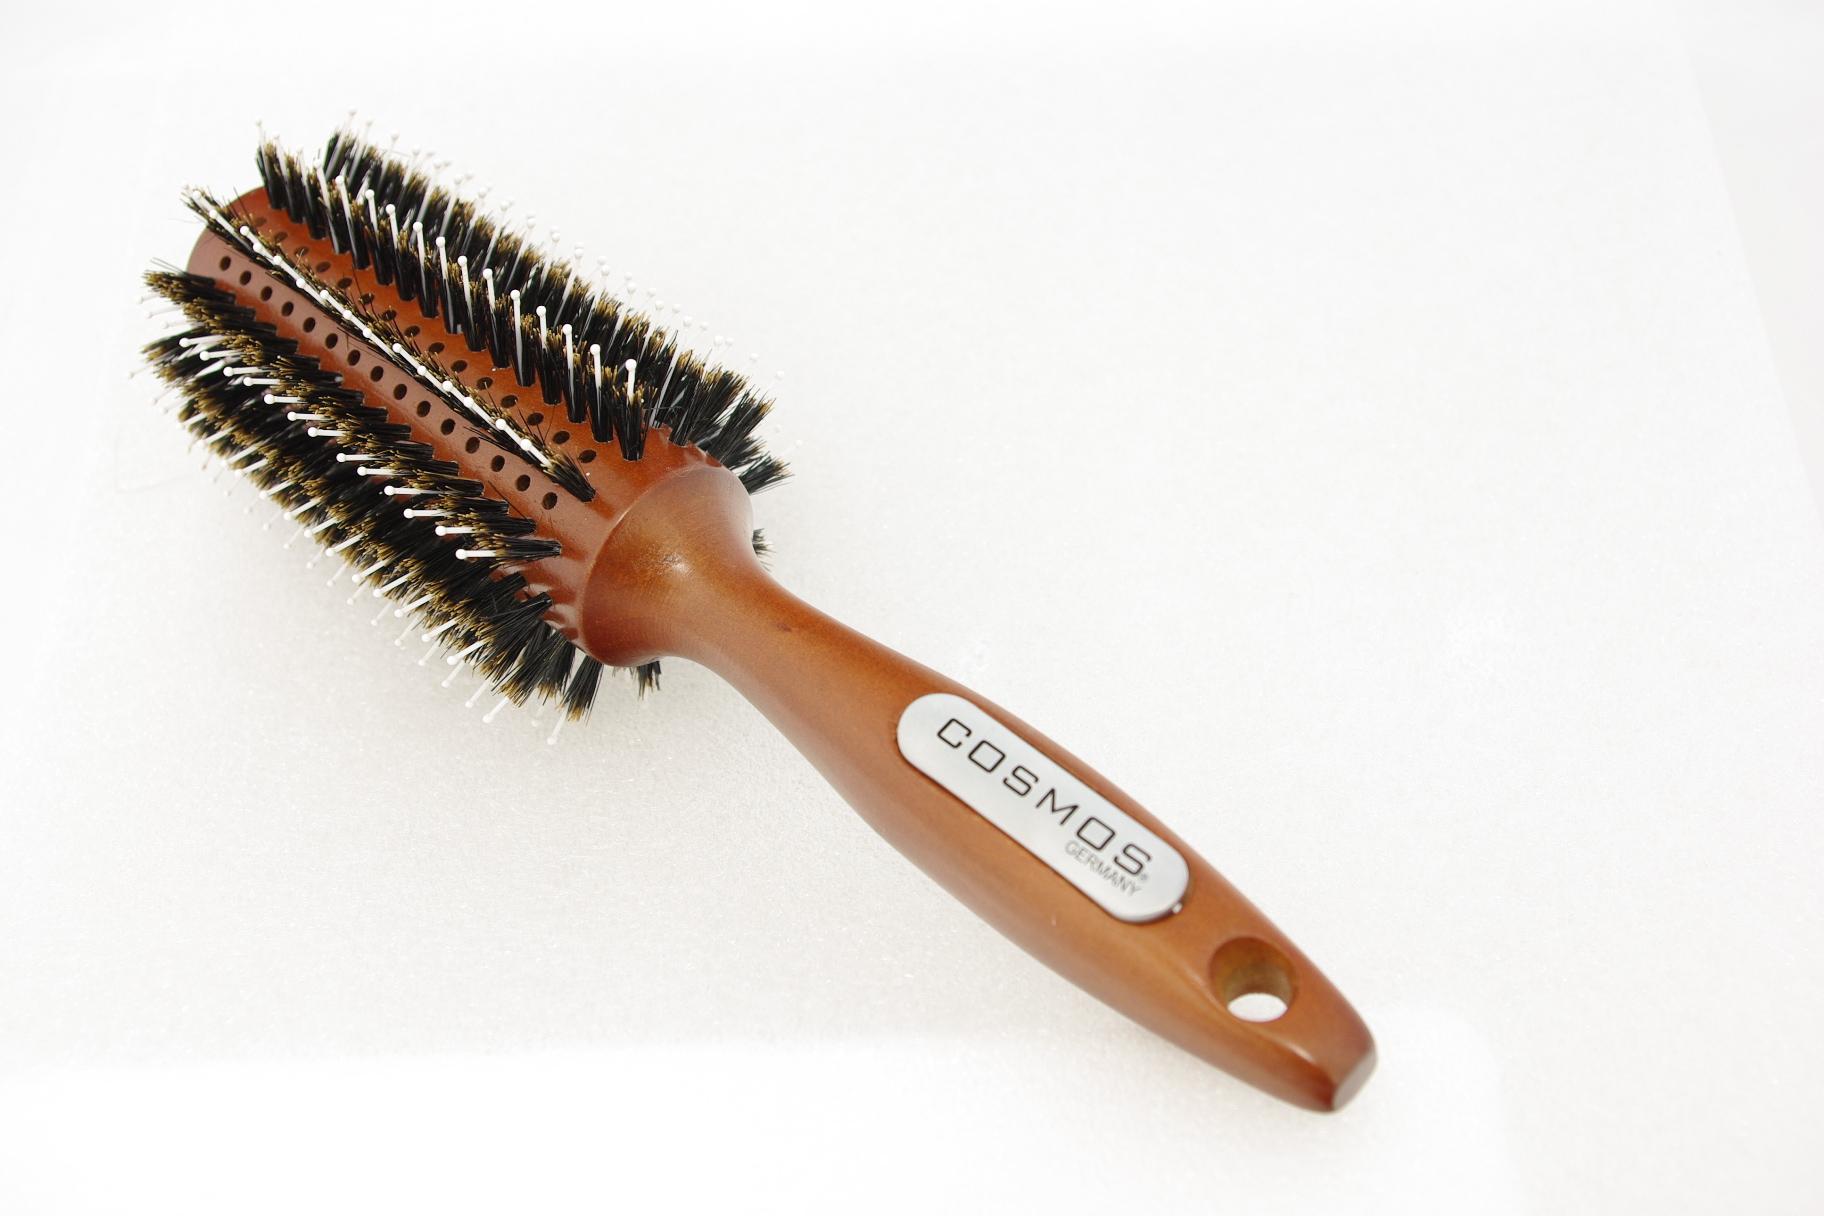 COSMOS ''Styling Brush White Pins'' Rundbürste